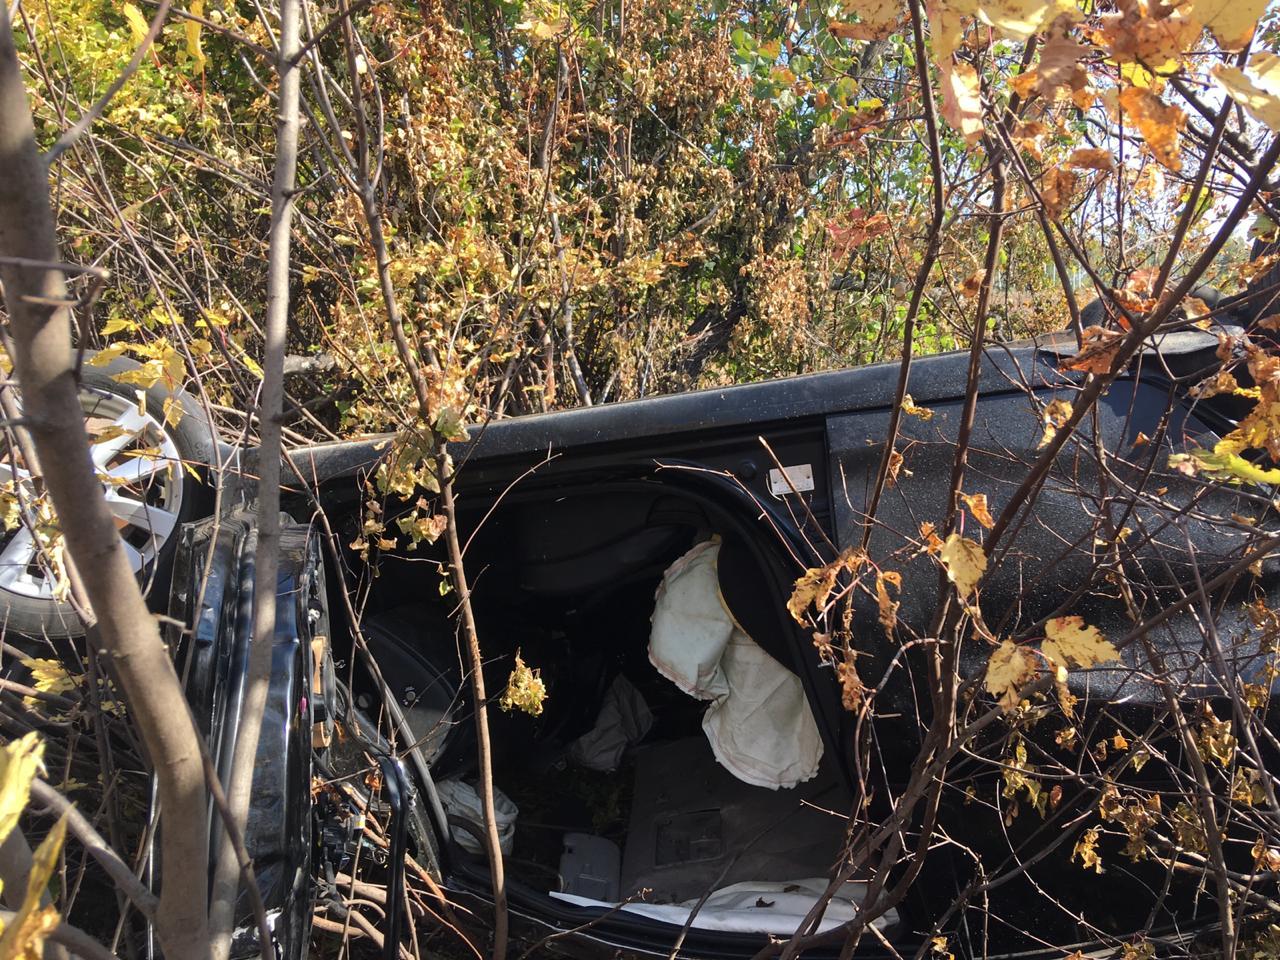 Пропавшие котовчане Кристина Сайкина и Сергей Орешкин обнаружены мертвыми